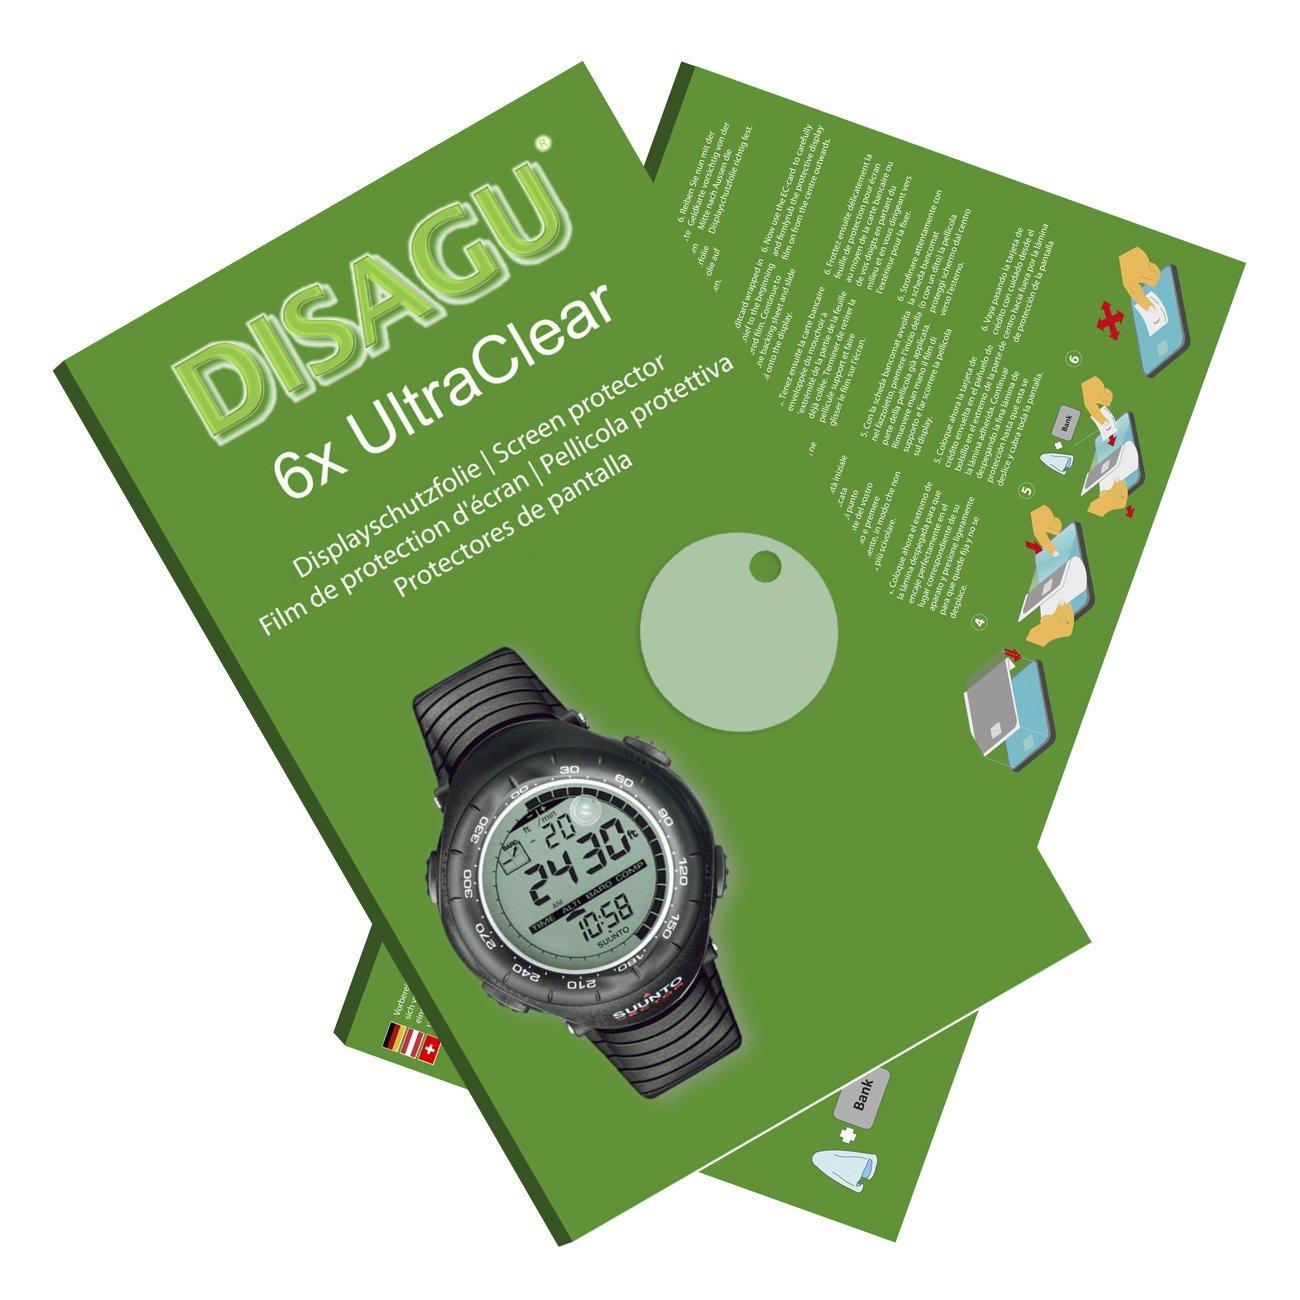 DISAGU 6x Ultra Clear Screen Protector for Suunto Vector